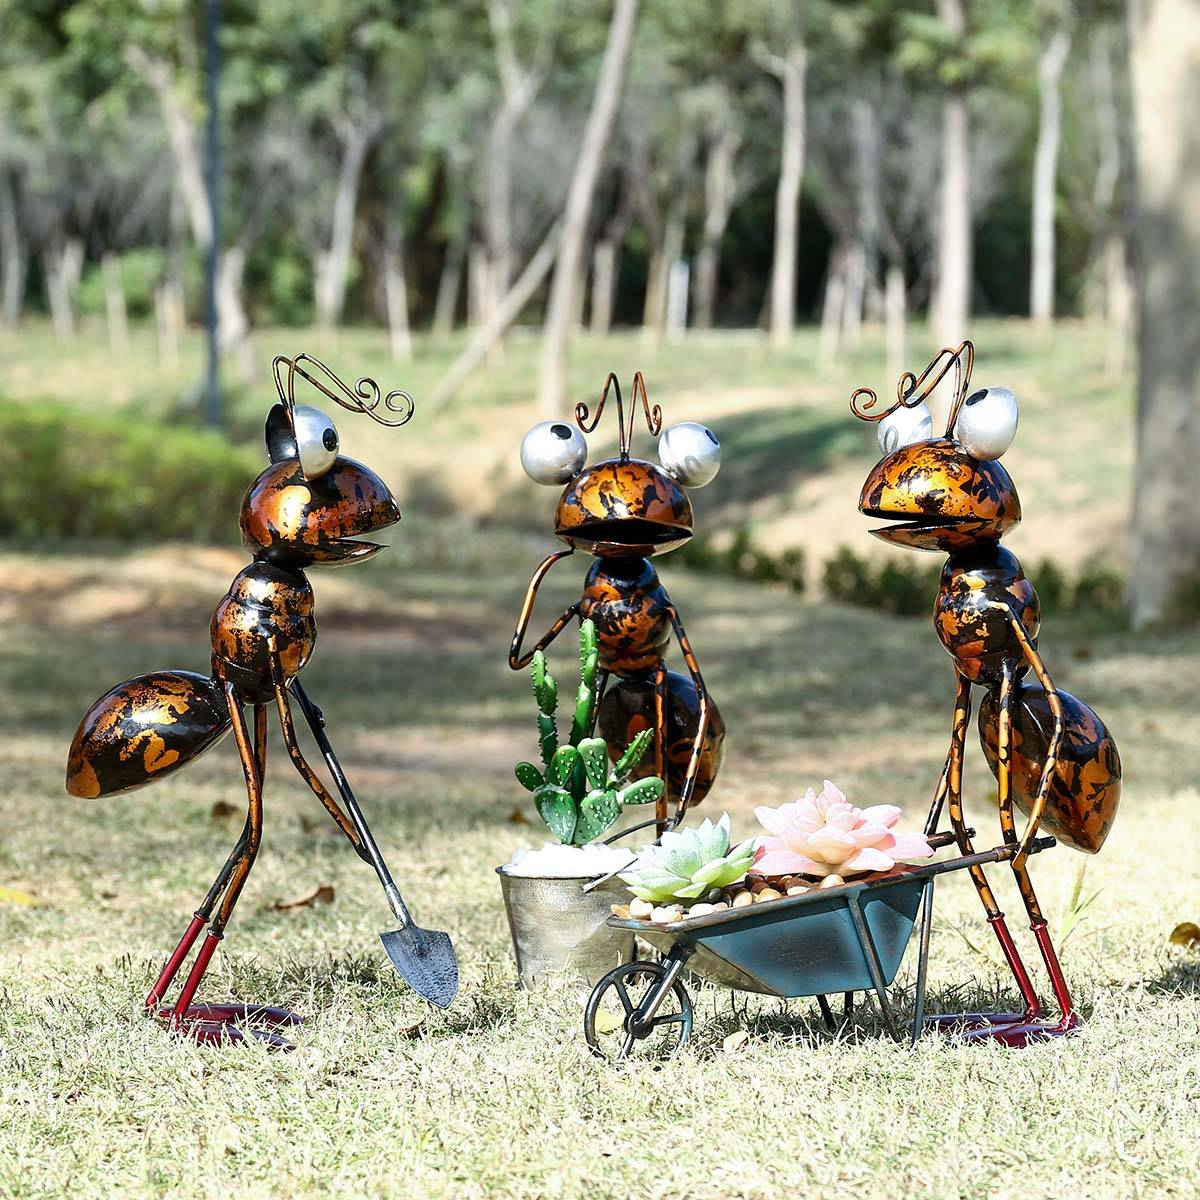 Tooarts-décor de jardin en fer   Fourmi de 13 pouces, décoration de jardin en fer, seau amovible,